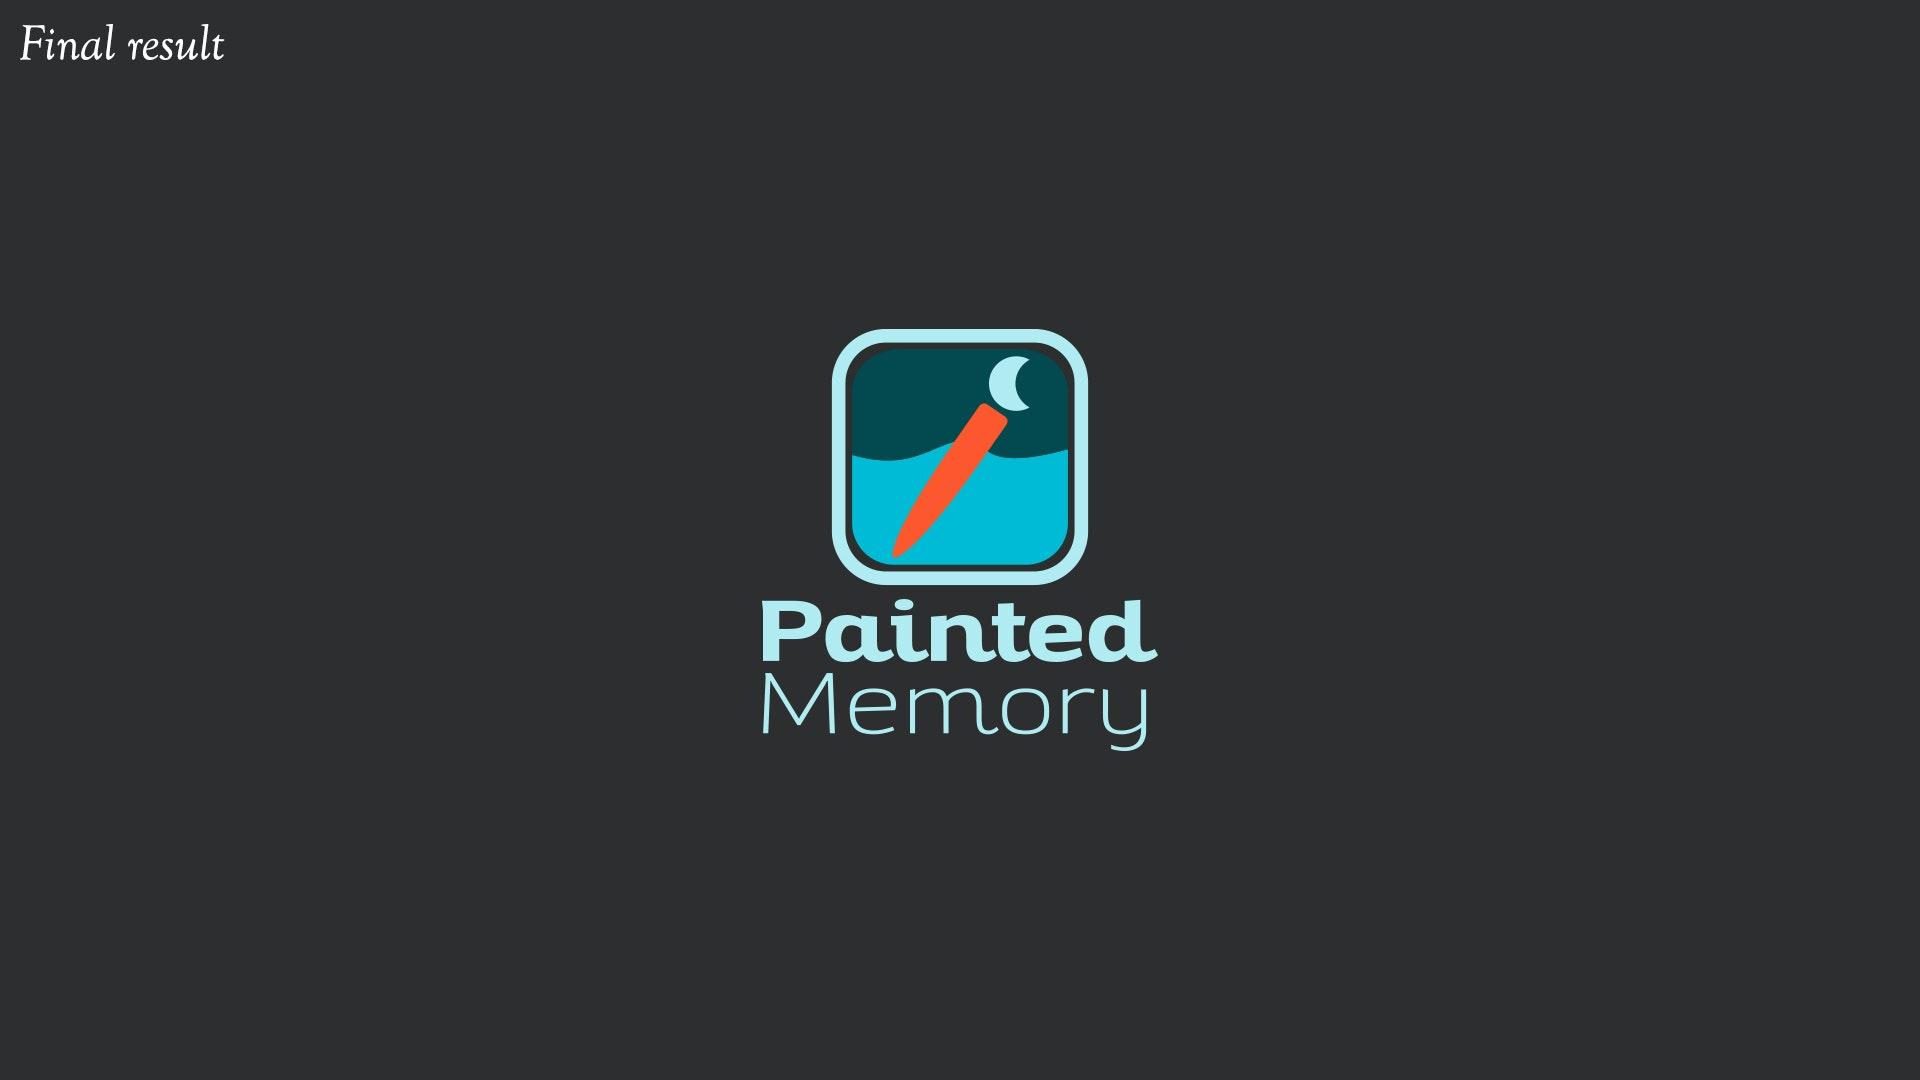 painted memory logo